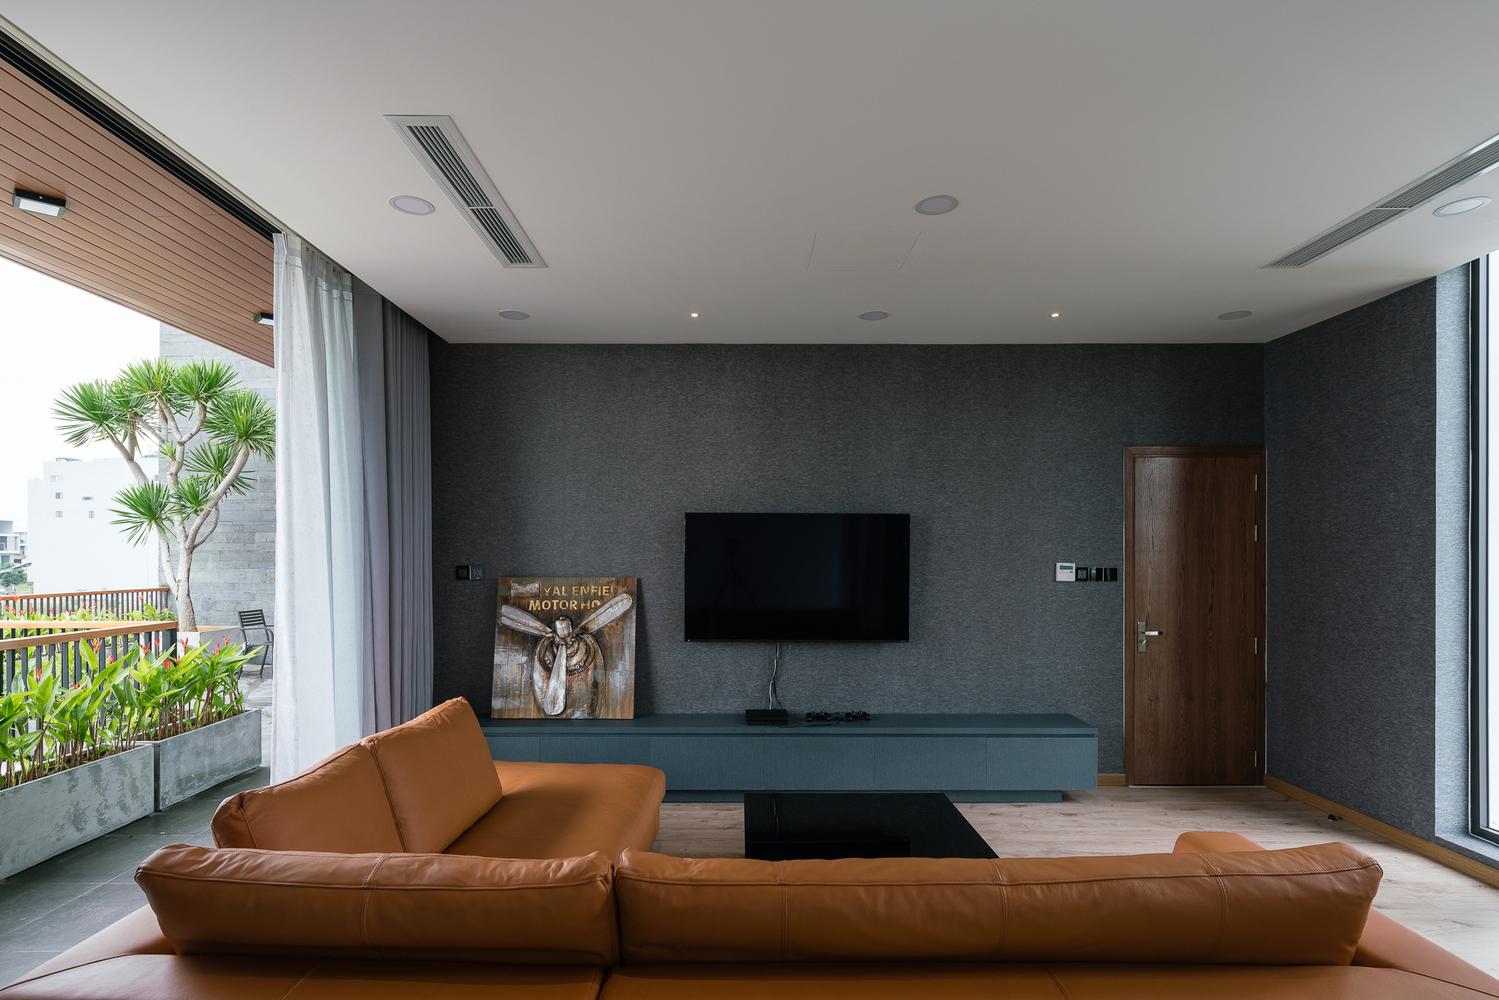 Không gian nội thất, có bộ sofa, ti vi, ban công ngắm cảnh